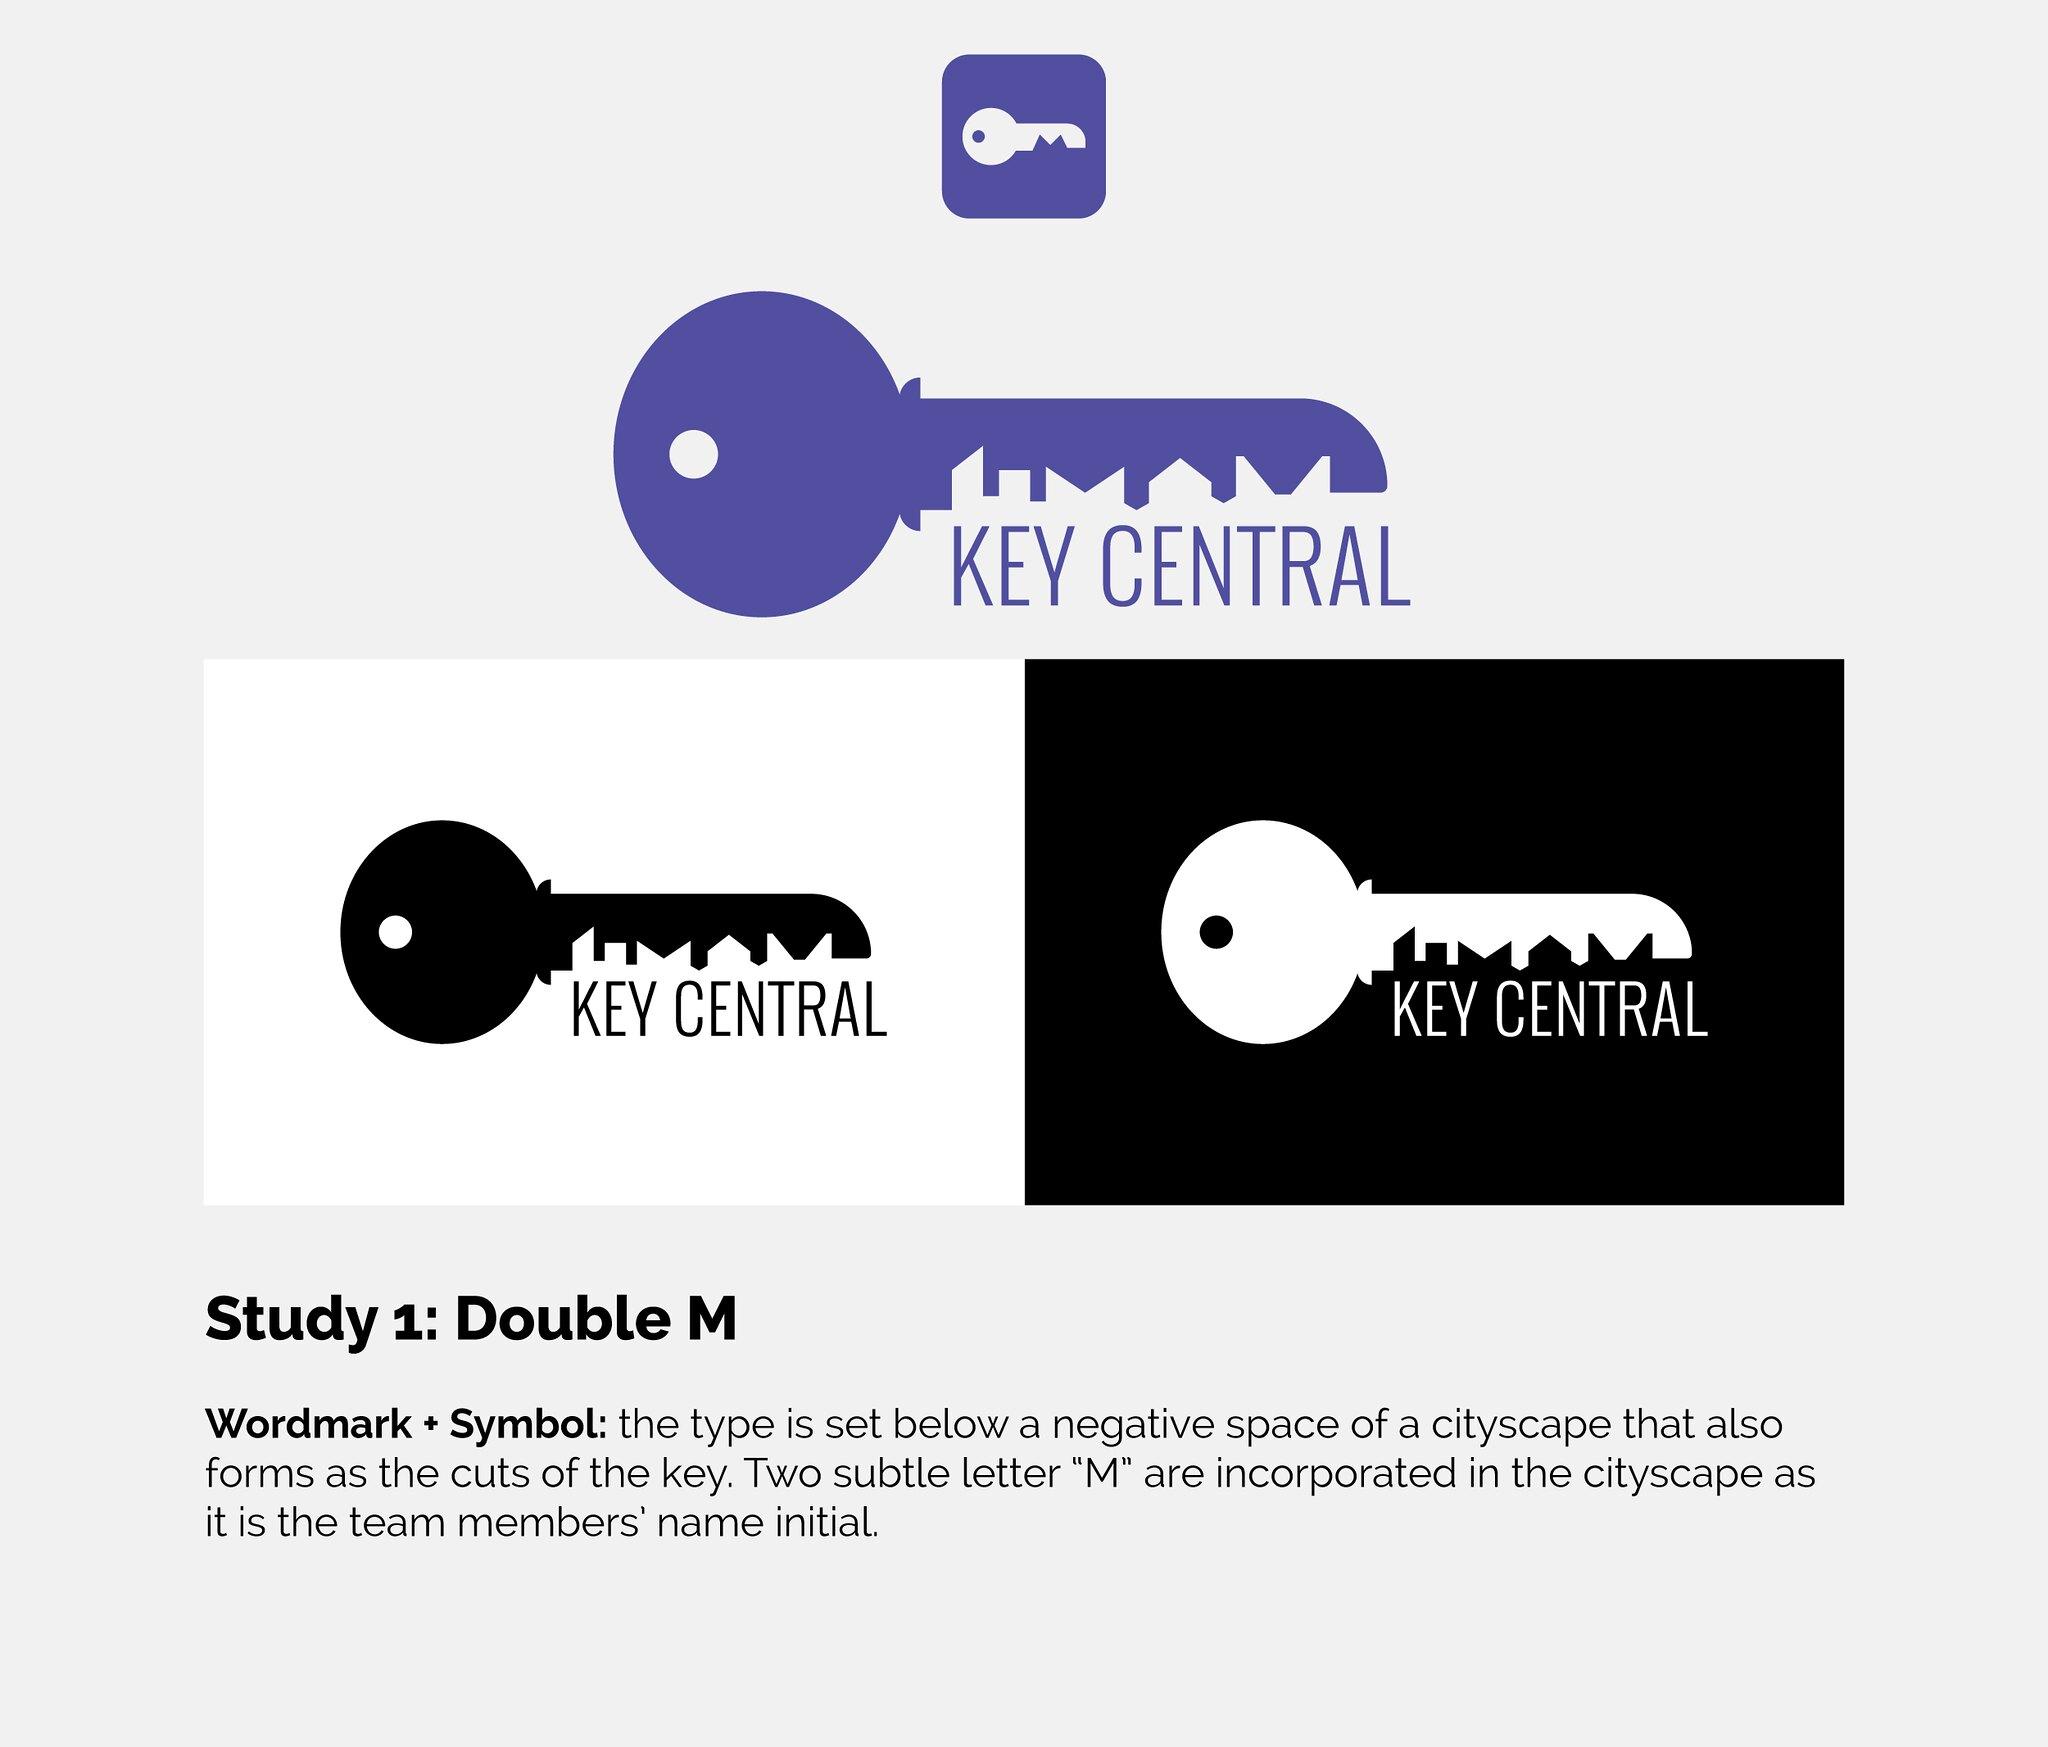 Key Central - Logo - Round 2 - Study 1